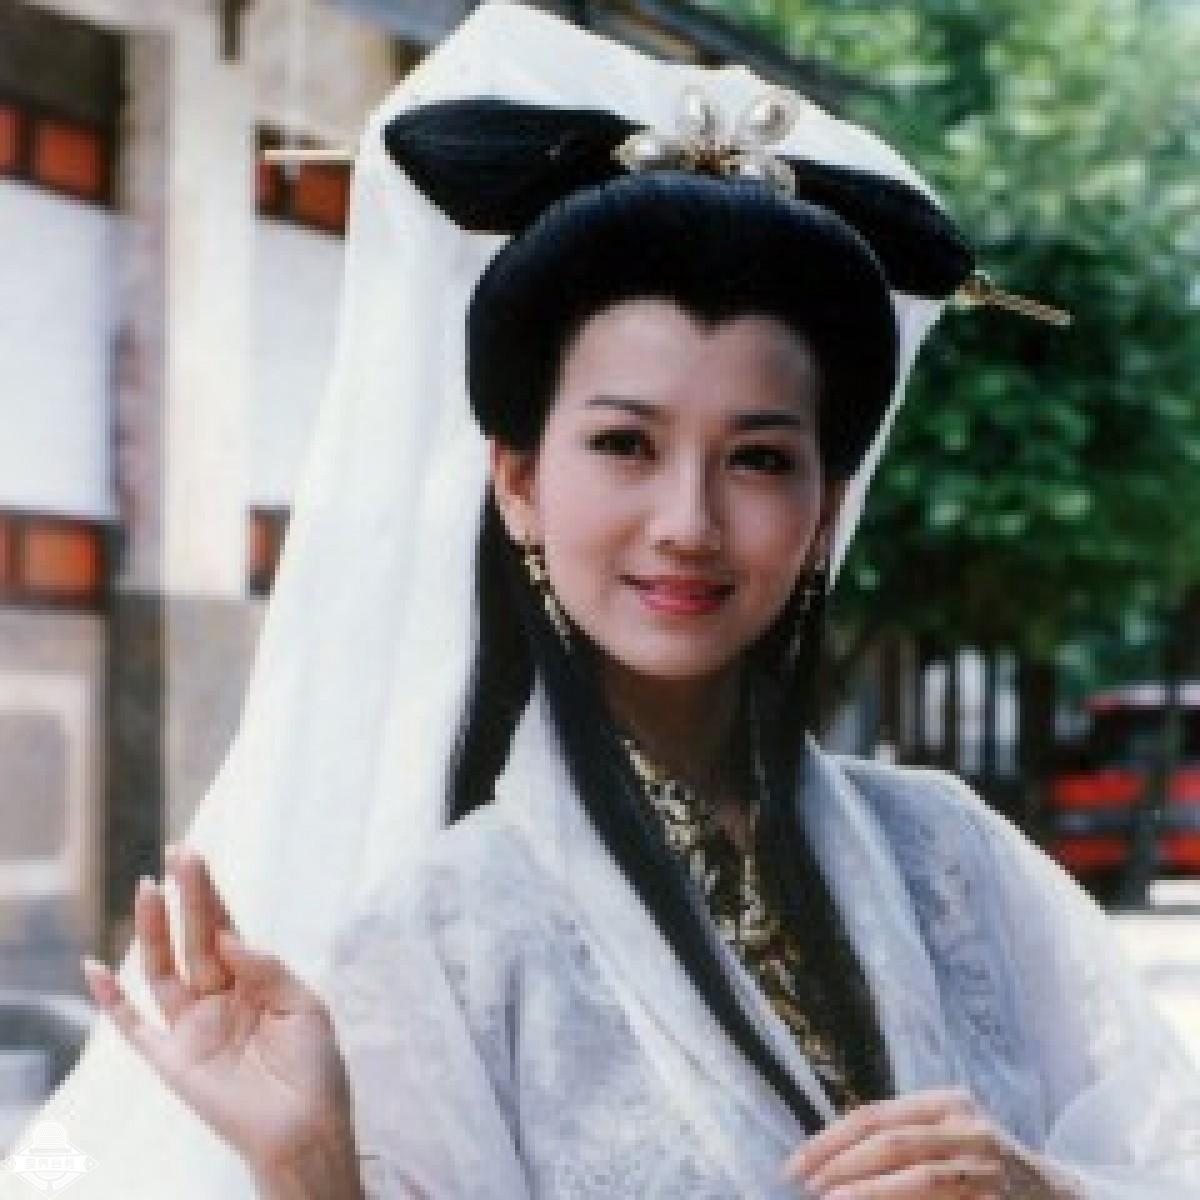 赵雅芝 AngieChiu 华语影视女演员  代表作品《新白娘子传奇》白娘子《上海滩》《楚留香》《京华烟云》 赵雅芝